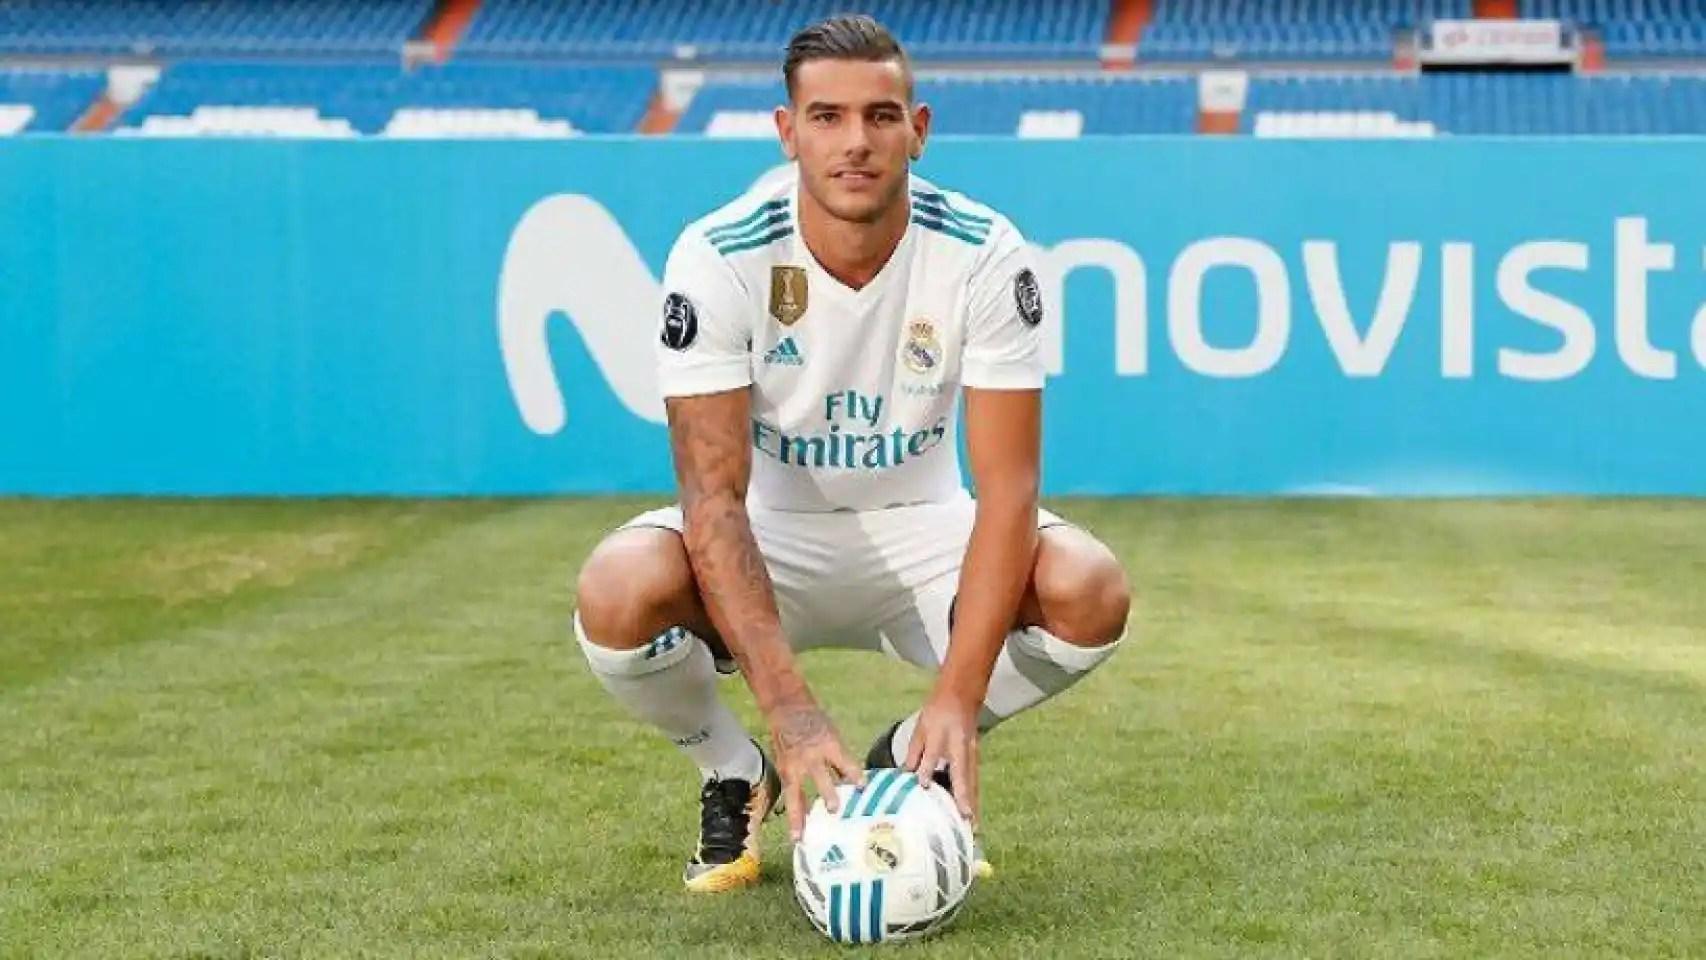 Theo hanya bermain 13 kali di la liga. El gesto de Theo Hernández con el escudo del Real Madrid ...